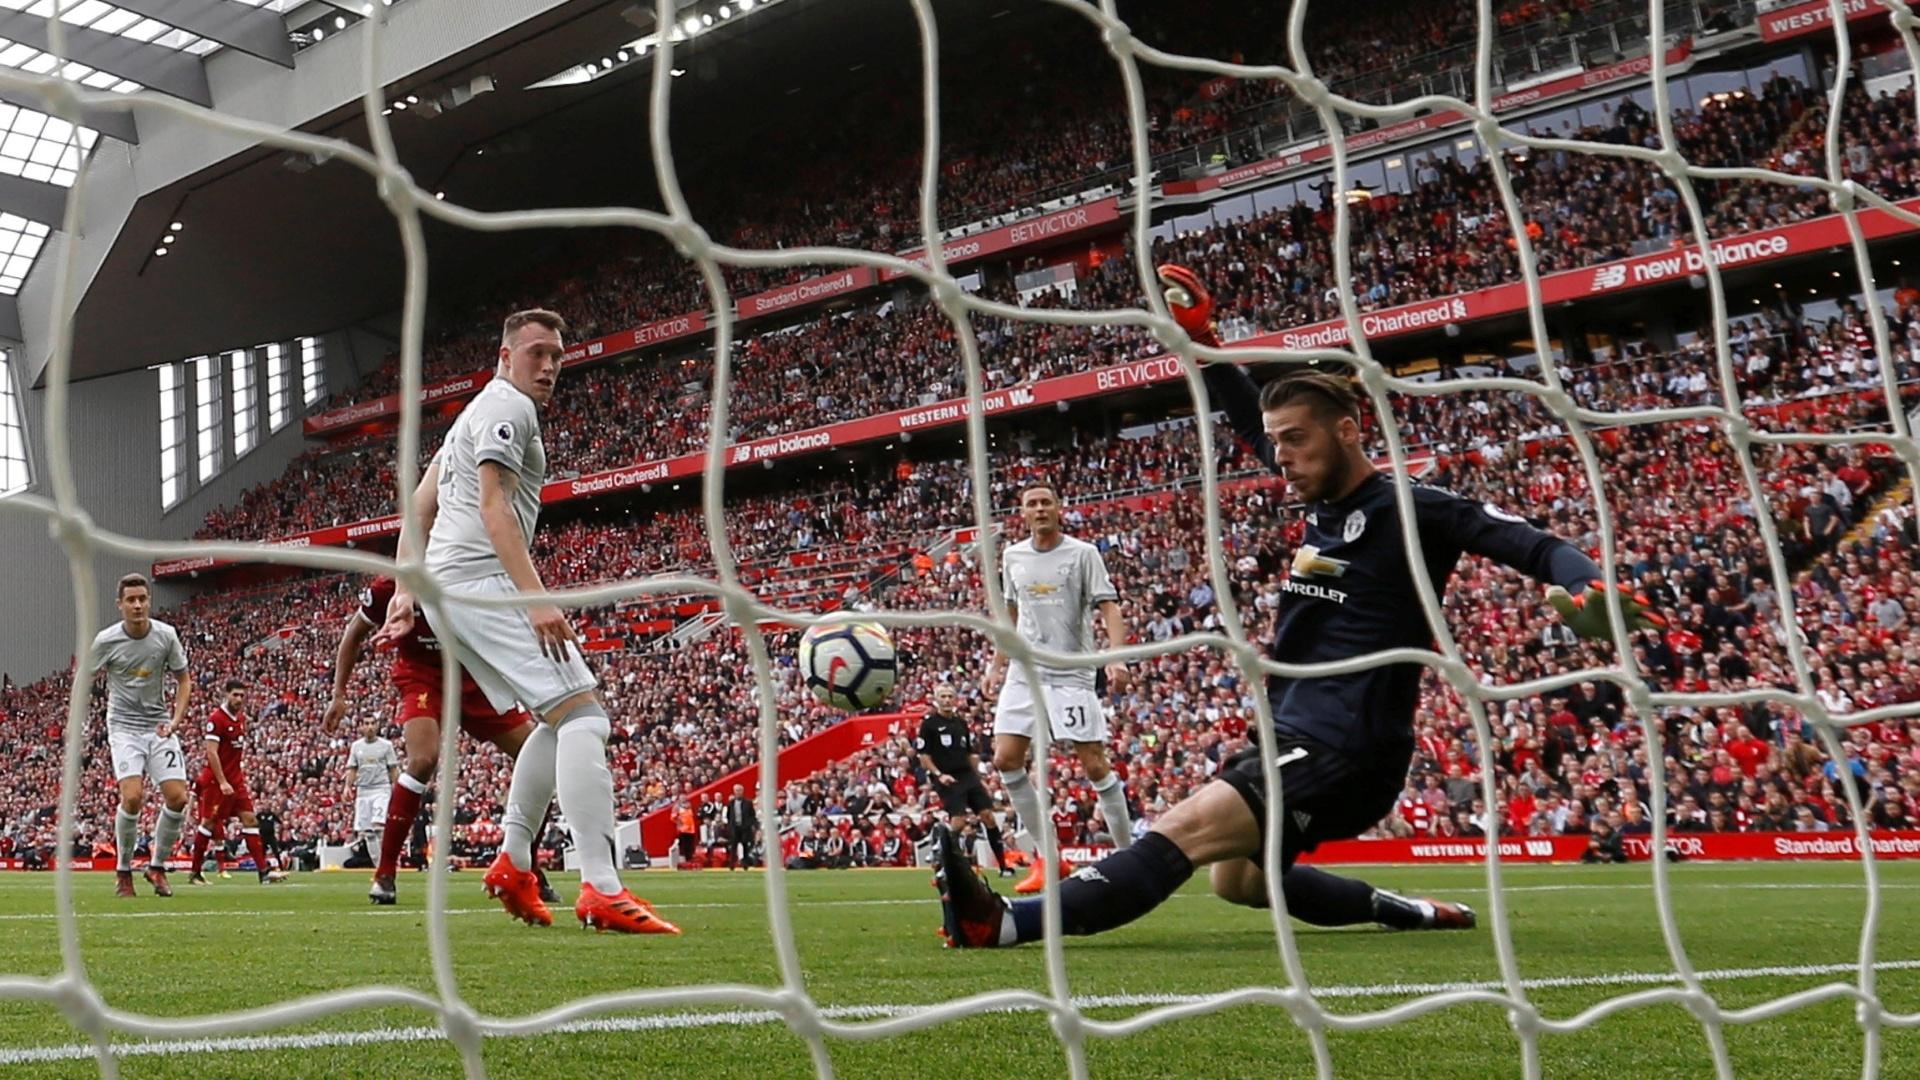 De Gea estica o pé para fazer ótima defesa para o Manchester United